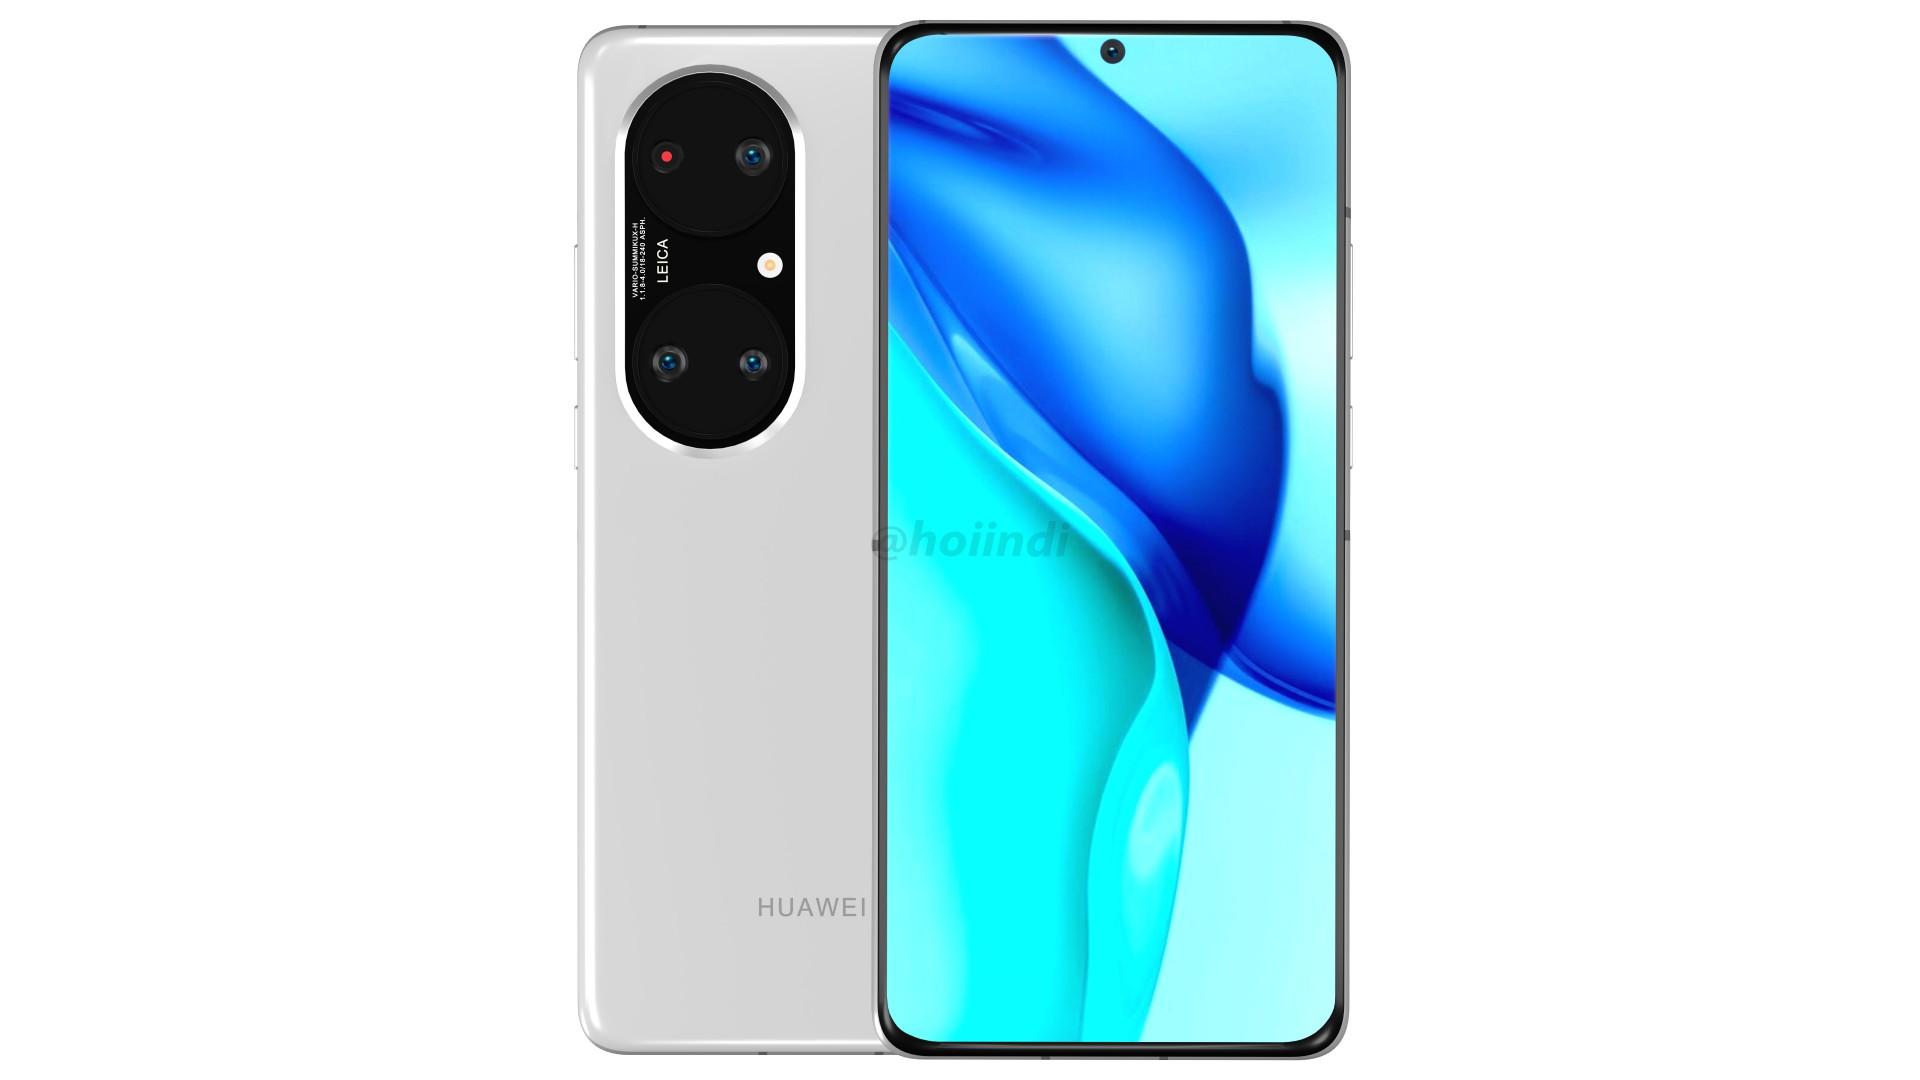 Πιθανή καθυστέρηση στην παρουσίαση του Huawei P50 series